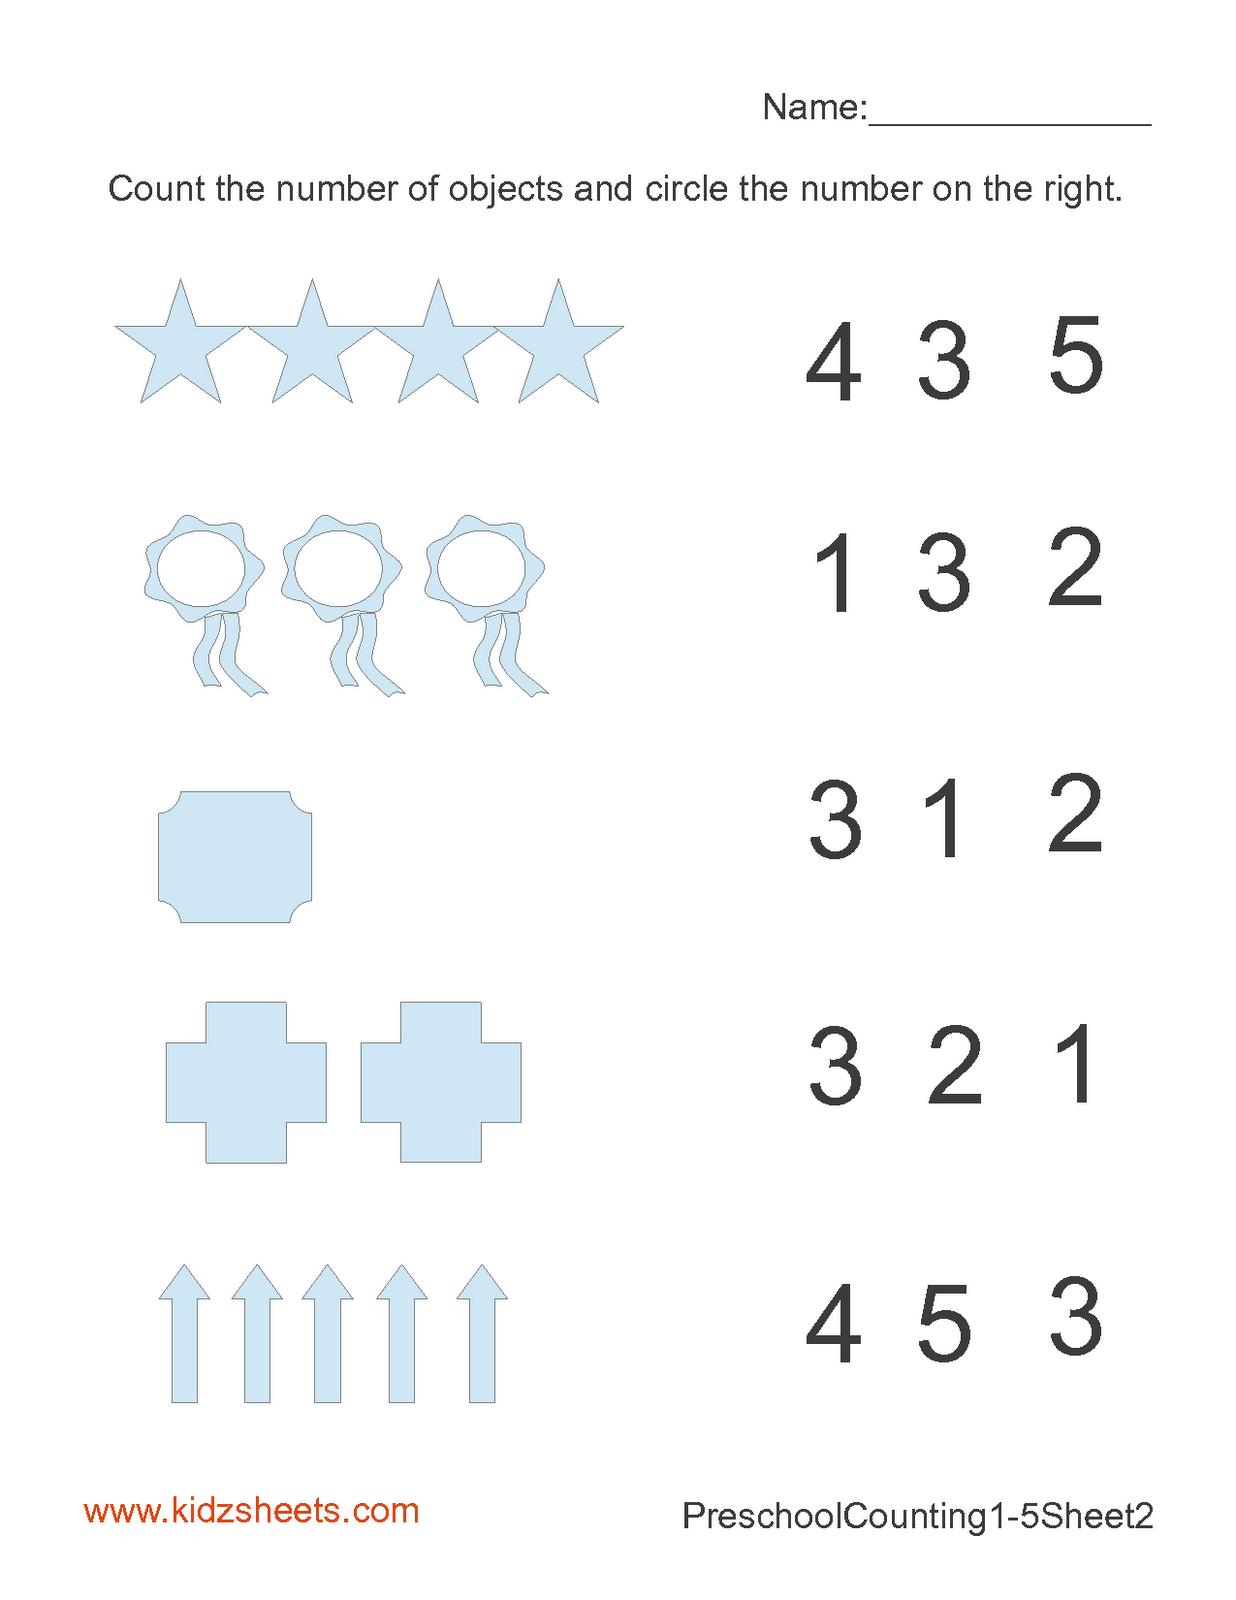 Kidz Worksheets: Preschool Counting Numbers Worksheet2 [ 1600 x 1236 Pixel ]